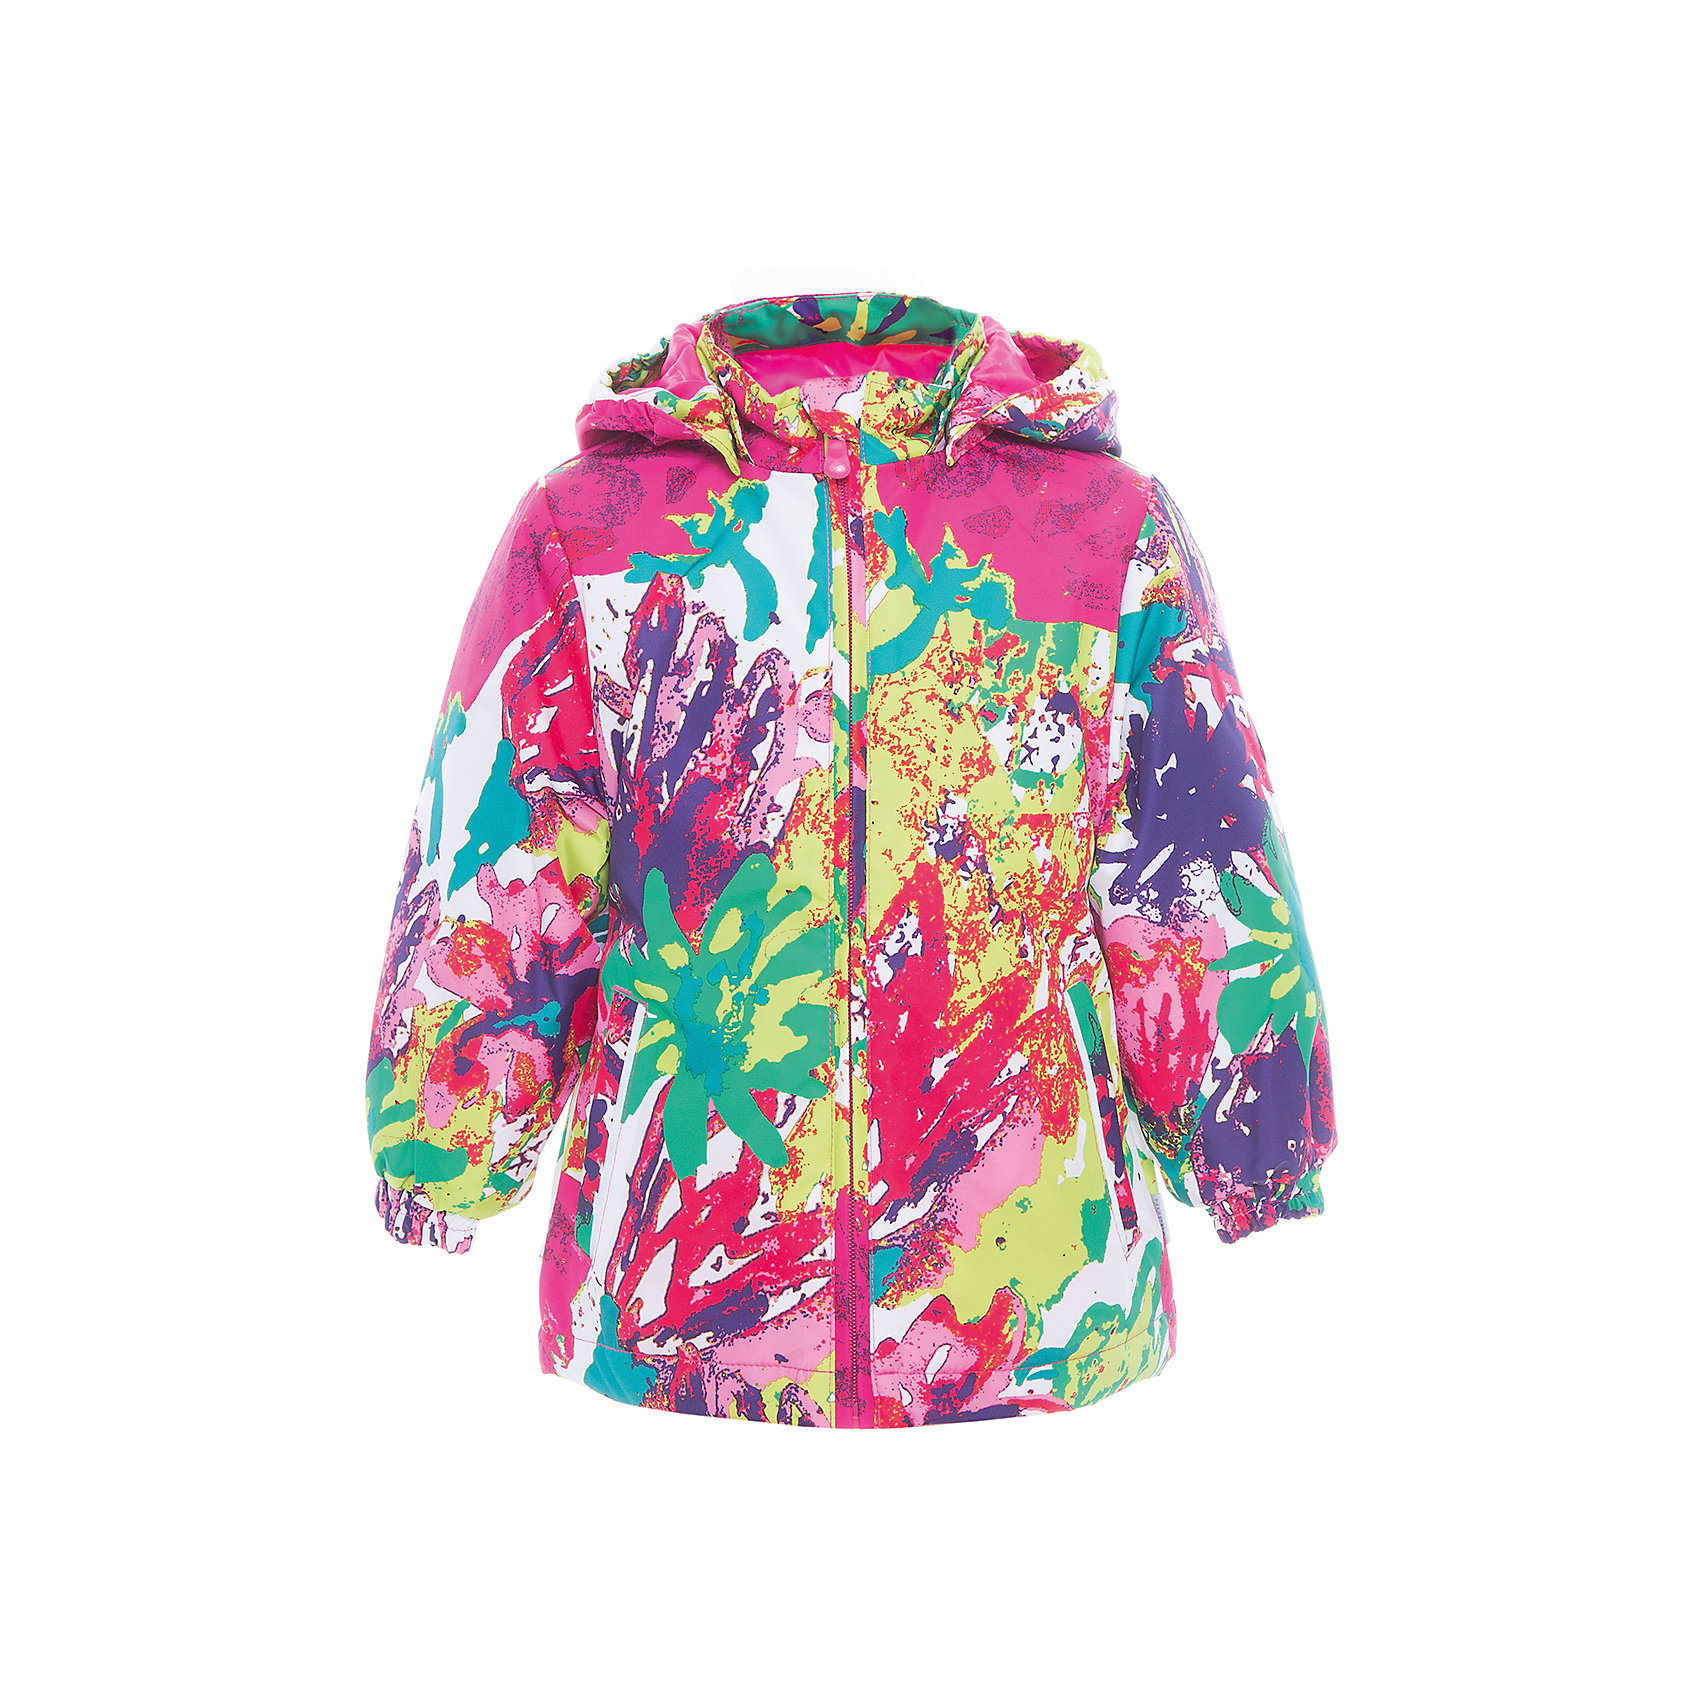 Куртка для девочки JOLY HuppaВерхняя одежда<br>Характеристики товара:<br><br>• цвет: мультиколор<br>• ткань: 100% полиэстер<br>• подкладка: тафта - 100% полиэстер<br>• утеплитель: 100% полиэстер 100 г<br>• температурный режим: от -5°С до +10°С<br>• водонепроницаемость: 10000 мм<br>• воздухопроницаемость: 10000 мм<br>• светоотражающие детали<br>• эластичные манжеты<br>• молния<br>• съёмный капюшон с резинкой<br>• карманы<br>• комфортная посадка<br>• коллекция: весна-лето 2017<br>• страна бренда: Эстония<br><br>Такая легкая и стильная куртка обеспечит детям тепло и комфорт. Она сделана из материала, отталкивающего воду, и дополнено подкладкой с утеплителем, поэтому изделие идеально подходит для межсезонья. Материал изделия - с мембранной технологией: защищая от влаги и ветра, он легко выводит лишнюю влагу наружу. Для удобства сделан капюшон. Куртка очень симпатично смотрится, яркая расцветка и крой добавляют ему оригинальности. Модель была разработана специально для детей.<br><br>Одежда и обувь от популярного эстонского бренда Huppa - отличный вариант одеть ребенка можно и комфортно. Вещи, выпускаемые компанией, качественные, продуманные и очень удобные. Для производства изделий используются только безопасные для детей материалы. Продукция от Huppa порадует и детей, и их родителей!<br><br>Куртку для девочки JOLY от бренда Huppa (Хуппа) можно купить в нашем интернет-магазине.<br><br>Ширина мм: 356<br>Глубина мм: 10<br>Высота мм: 245<br>Вес г: 519<br>Цвет: белый<br>Возраст от месяцев: 96<br>Возраст до месяцев: 108<br>Пол: Женский<br>Возраст: Детский<br>Размер: 134,92,98,104,110,116,122,128<br>SKU: 5346838